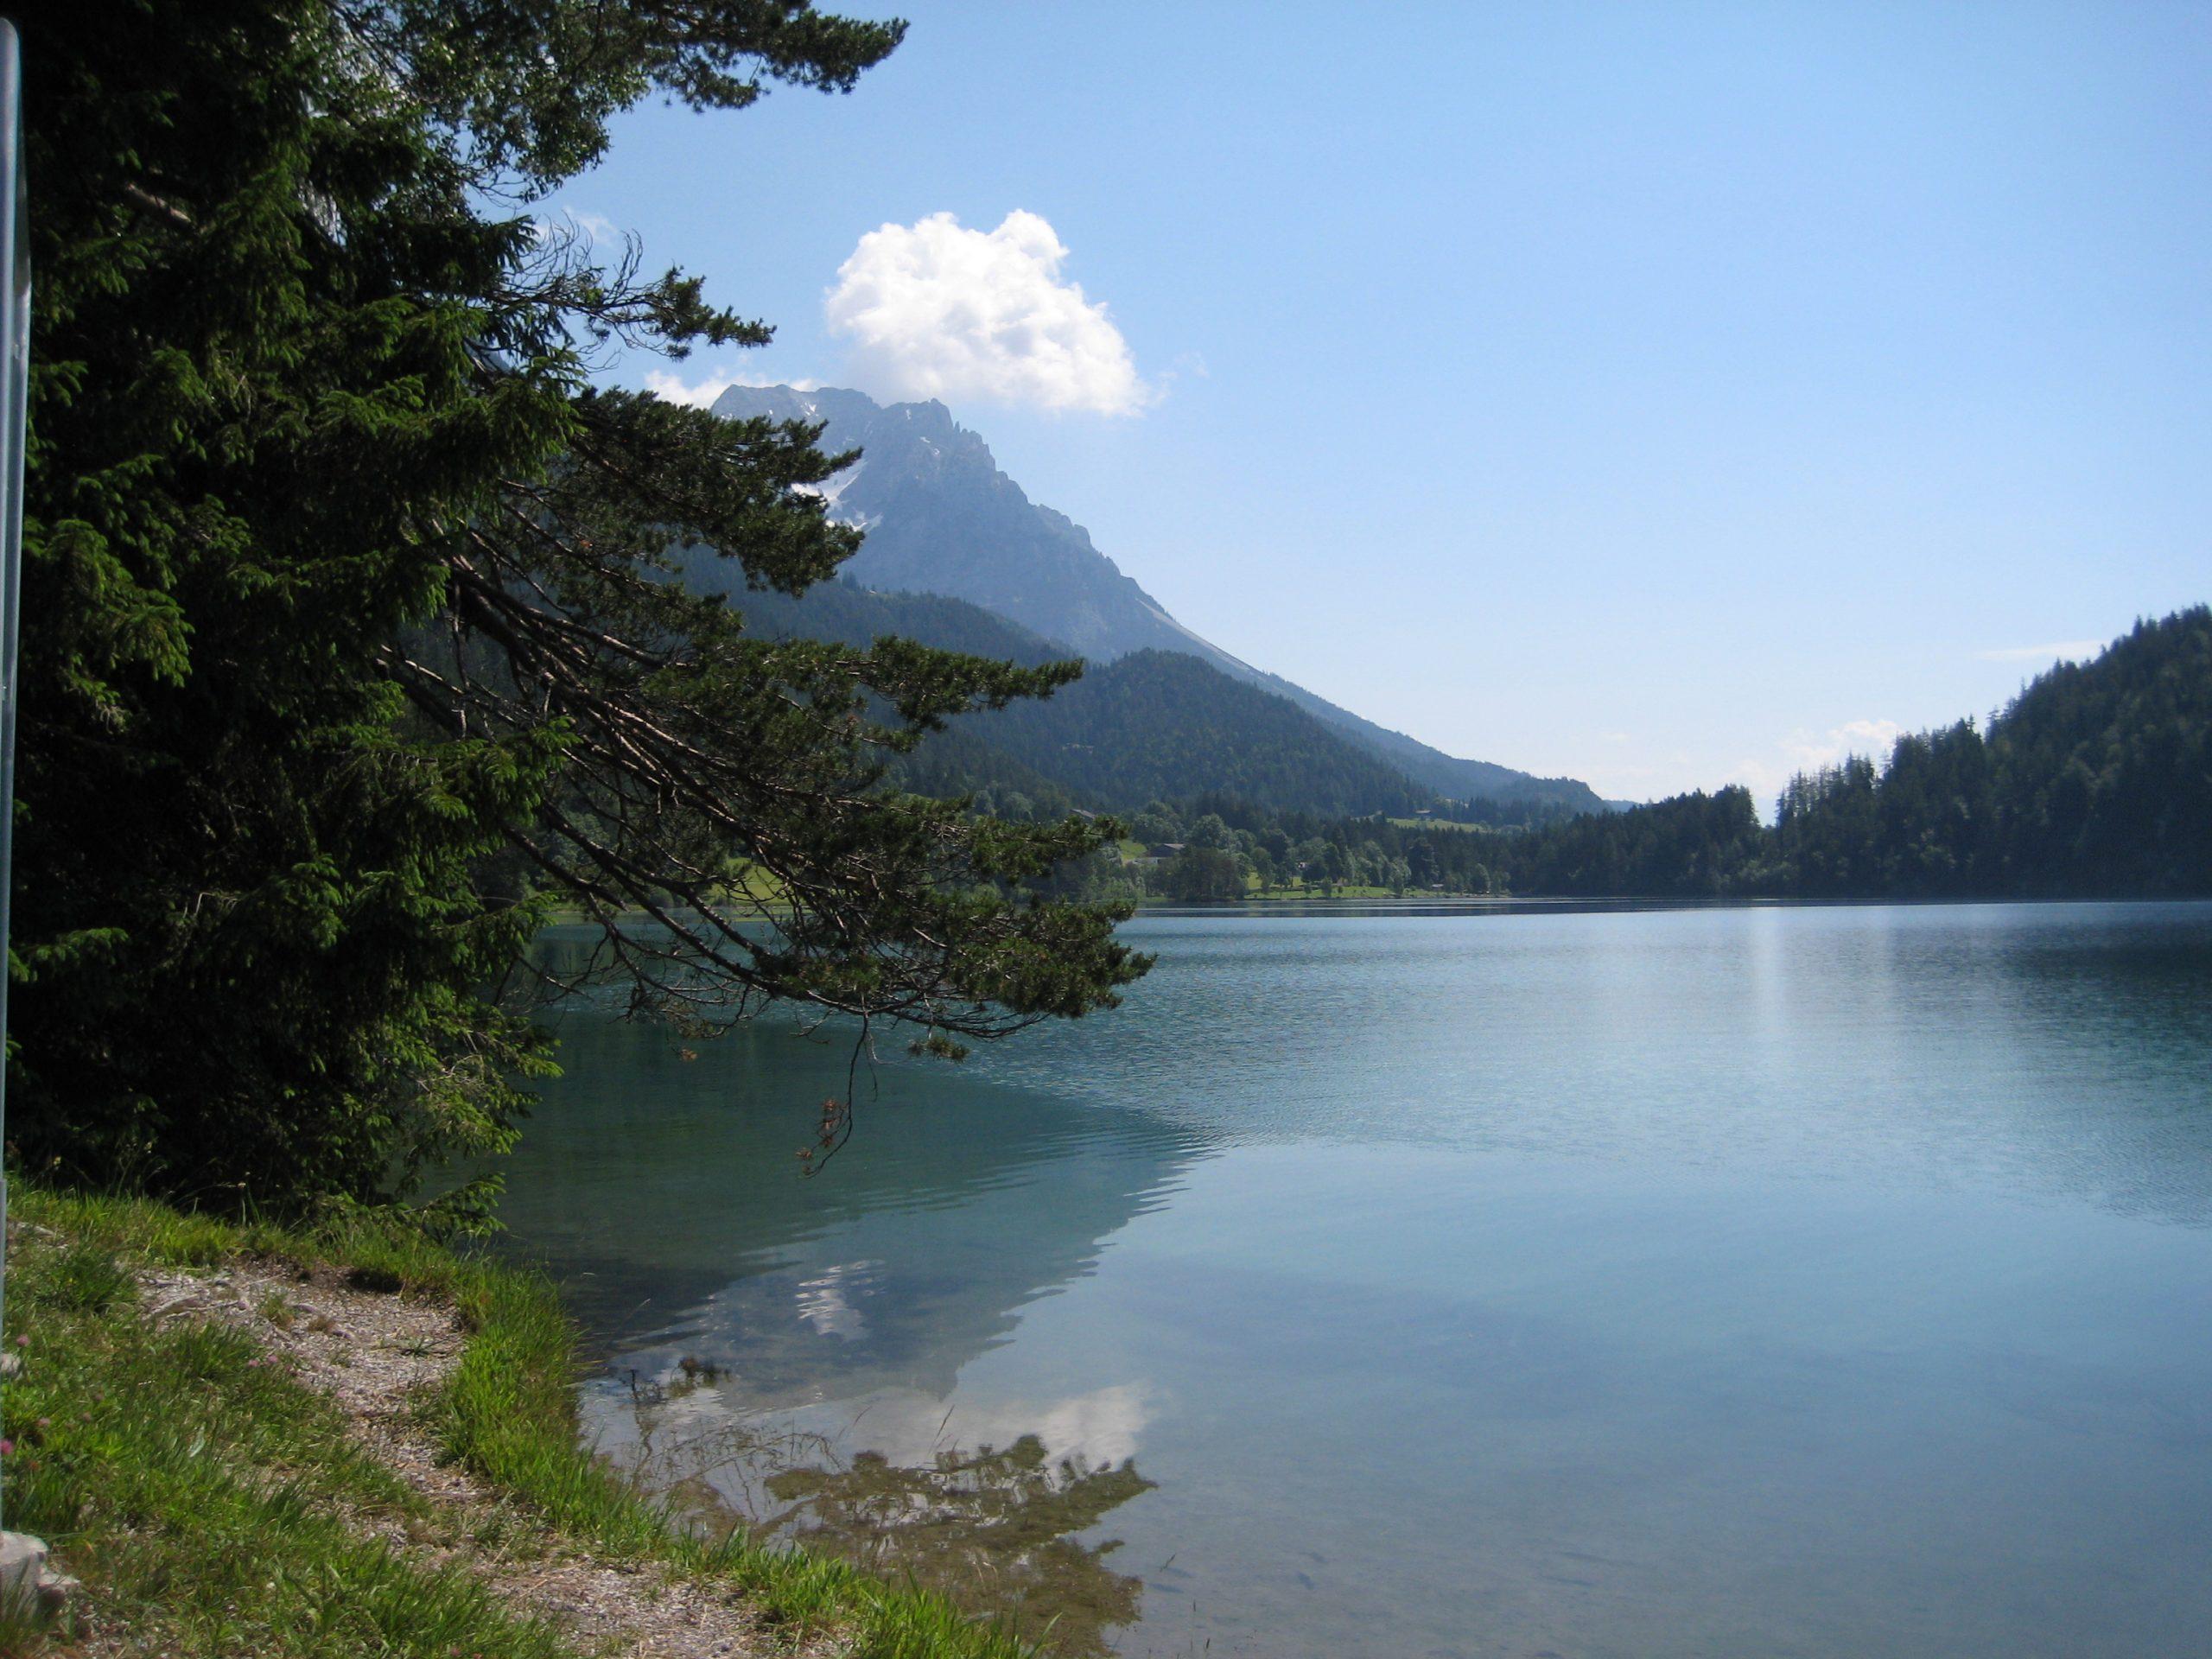 Hintersteinersee